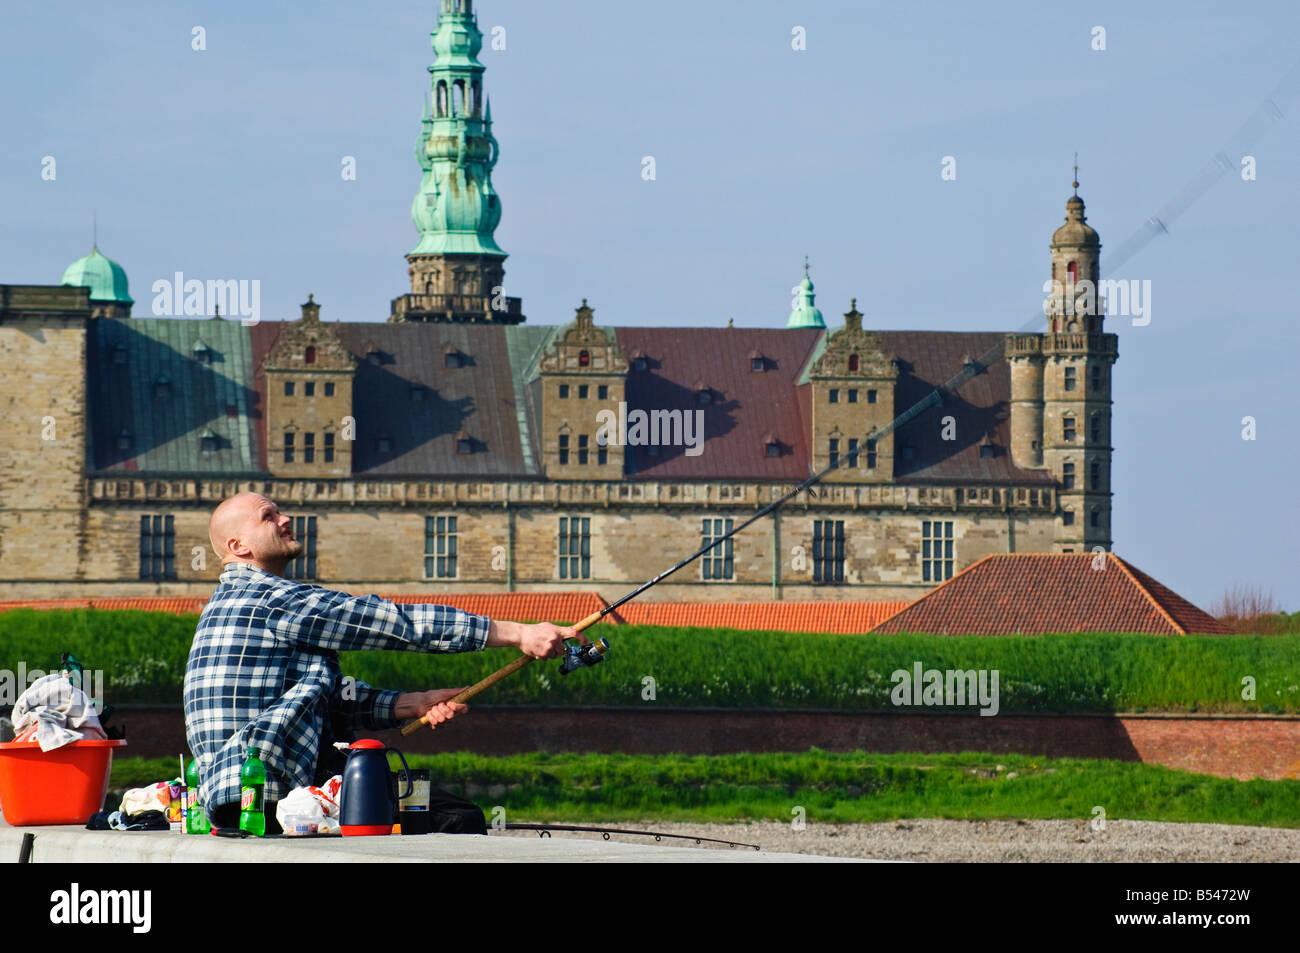 Sea angler in front of Kronborg Slot Elsinore Castle Helsingør Denmark setting for Shakespeares Hamlet - Stock Image